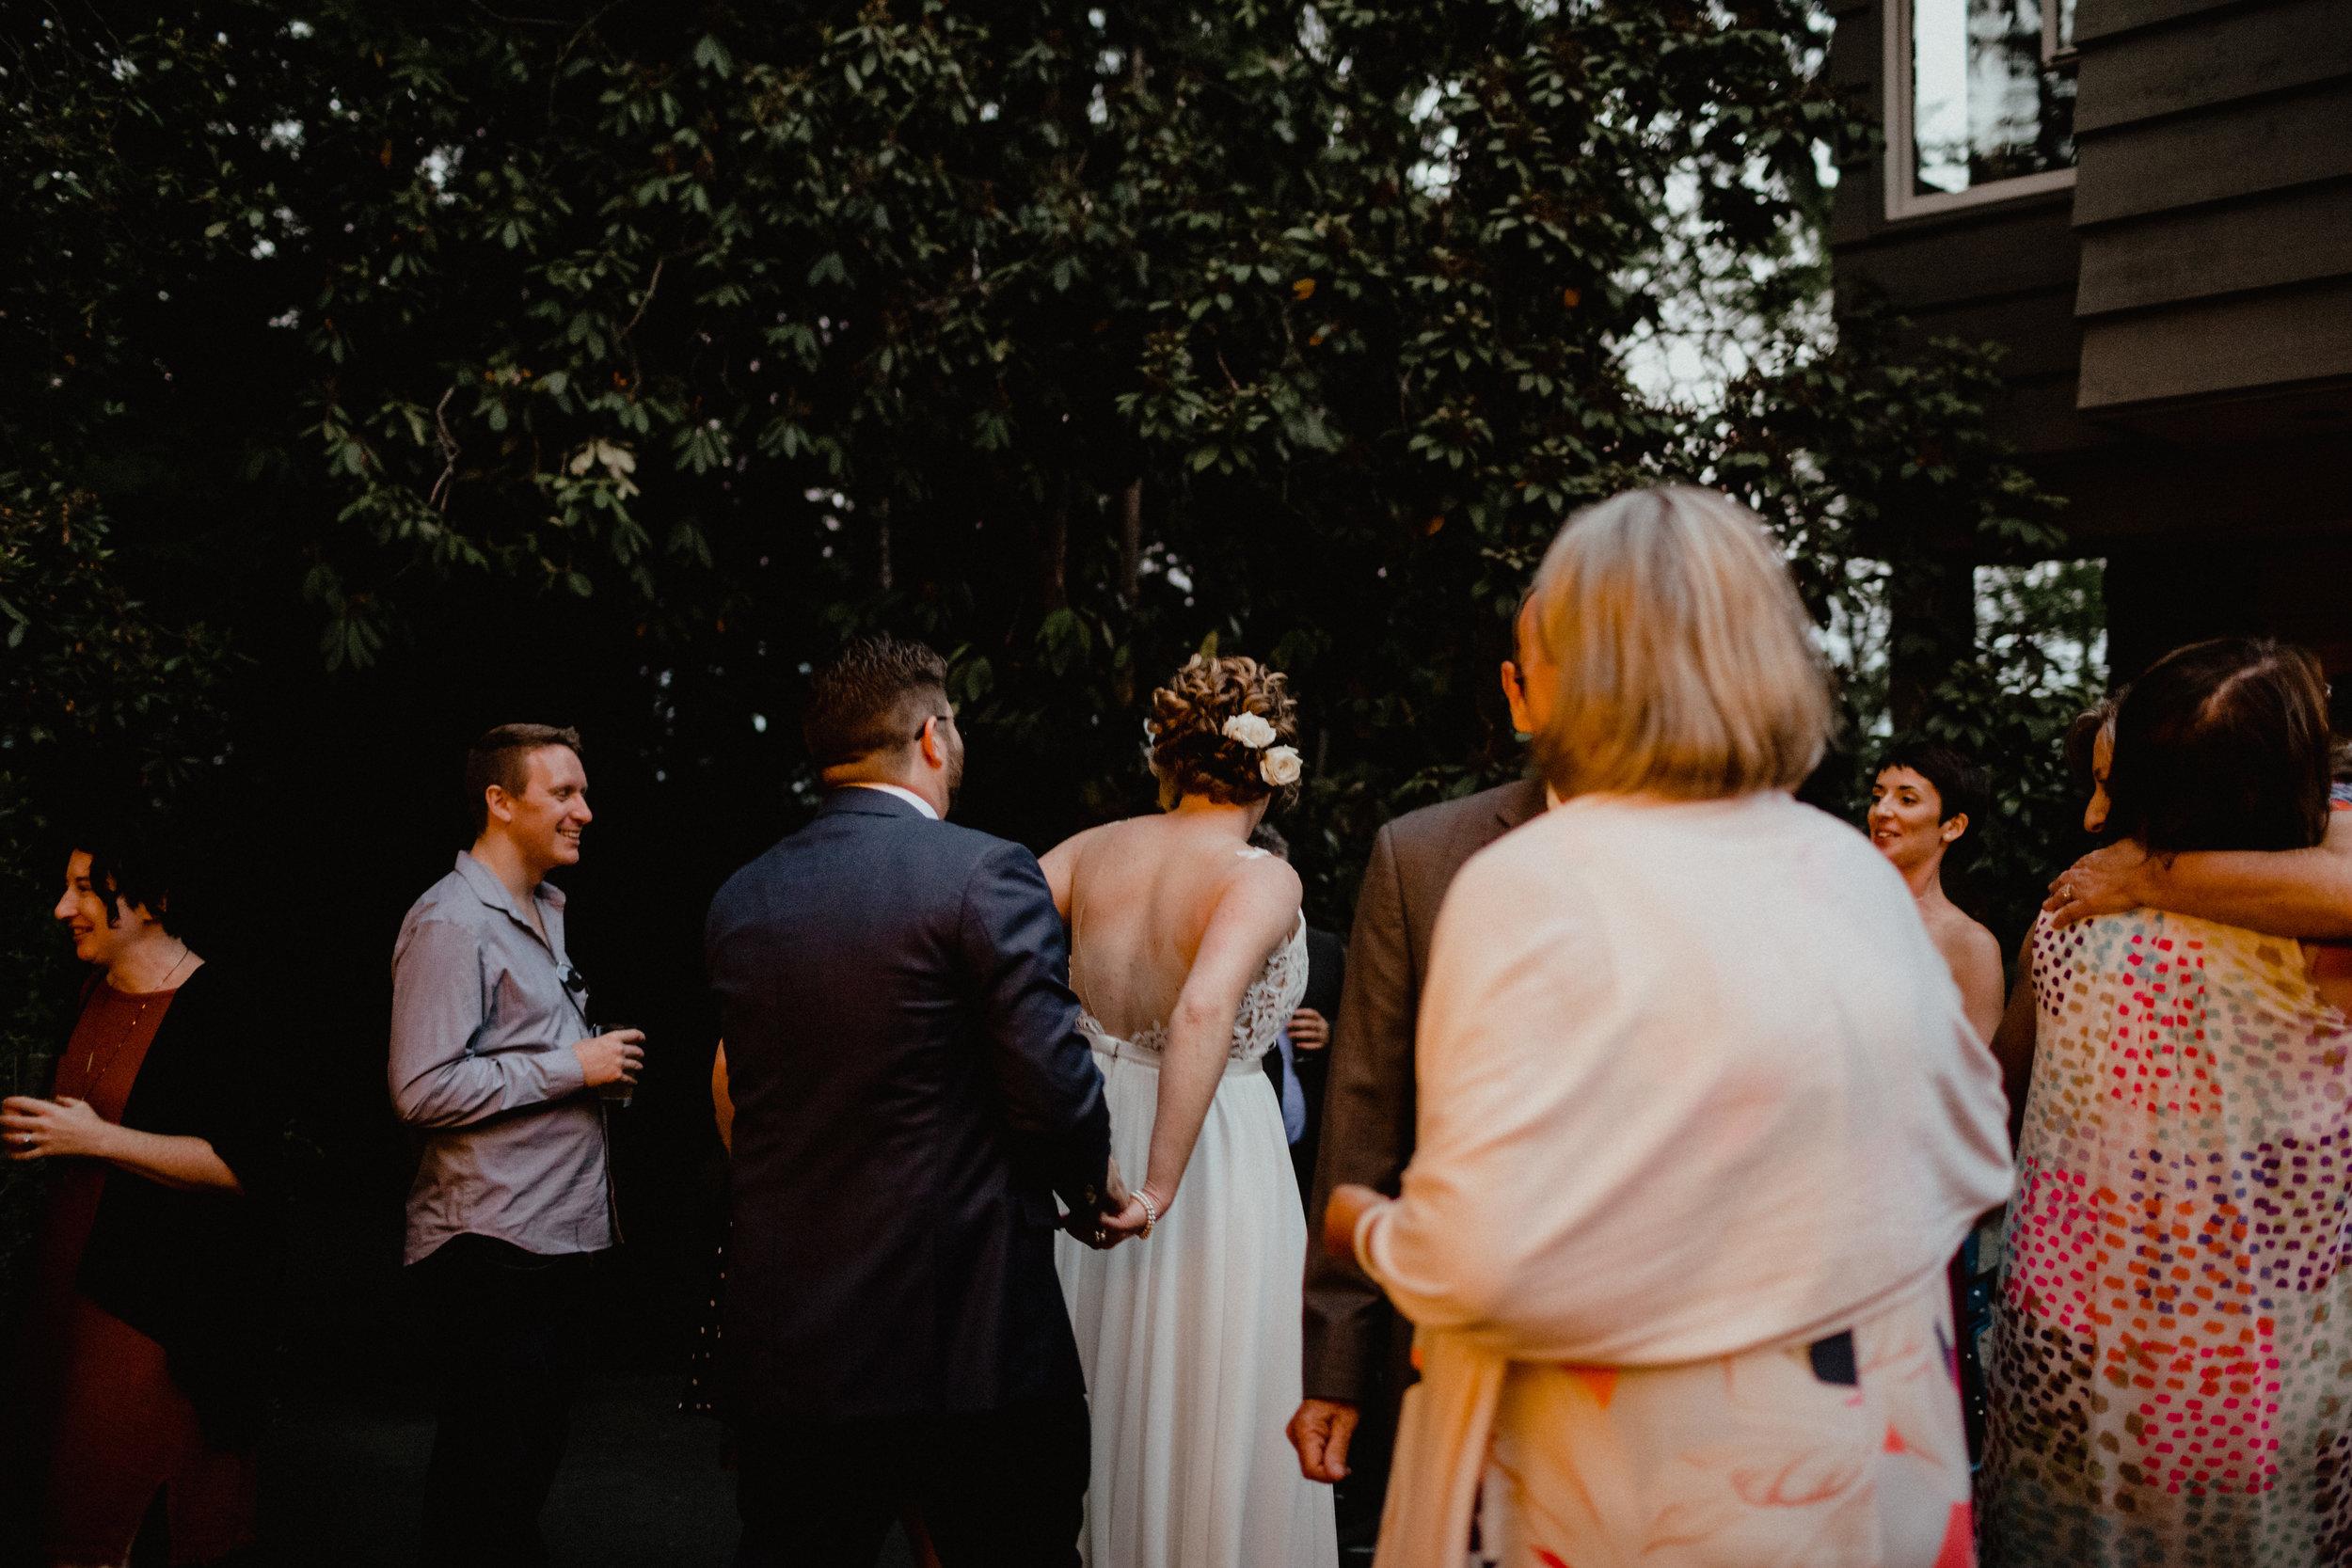 west-vancouver-backyard-wedding-308.jpg